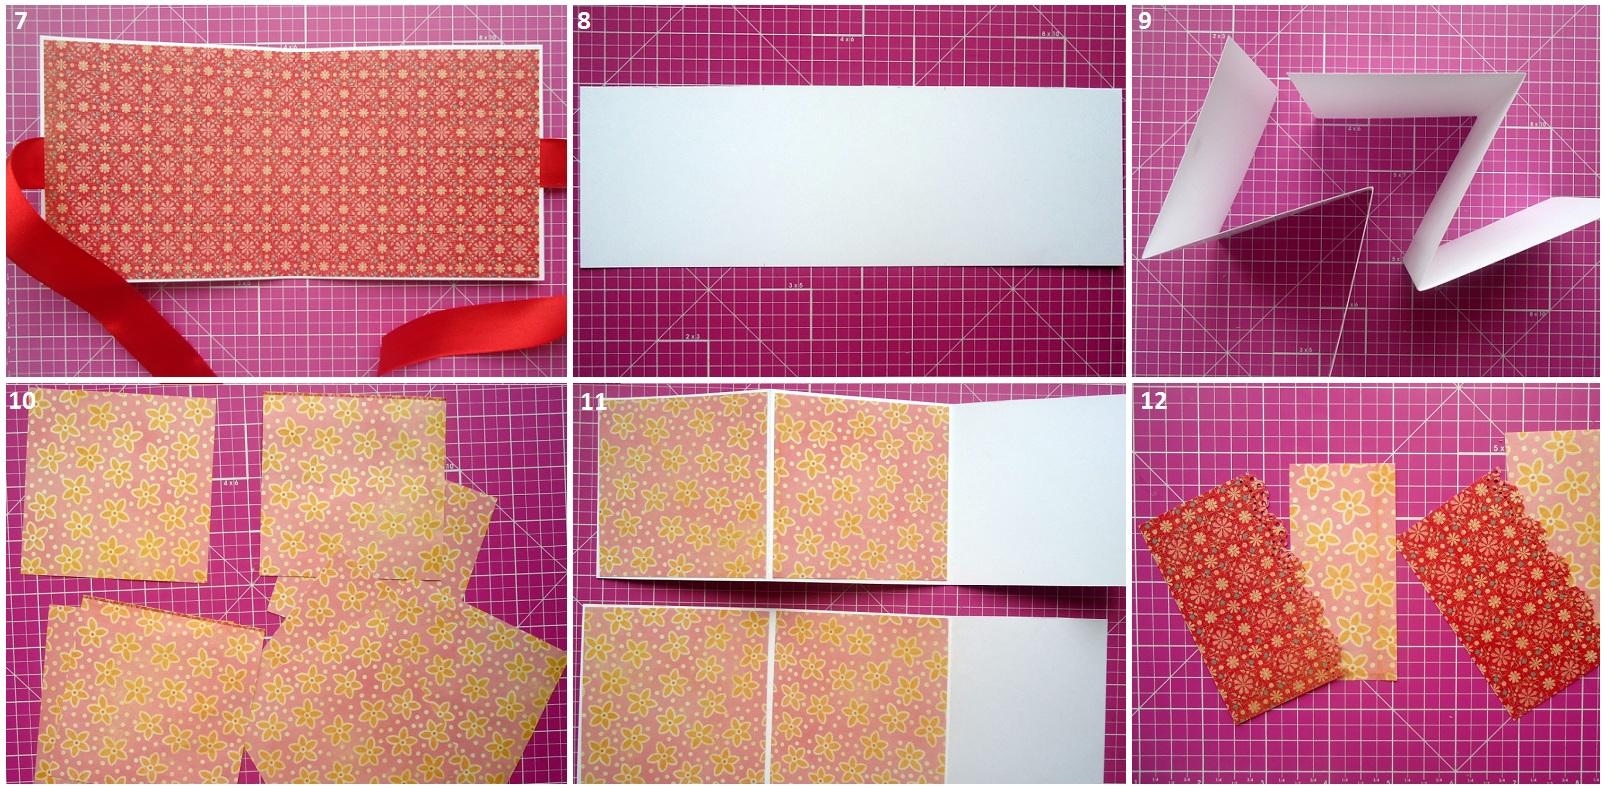 Скрапбукинг мастер-класс как сделать альбом для фотографий своими руками